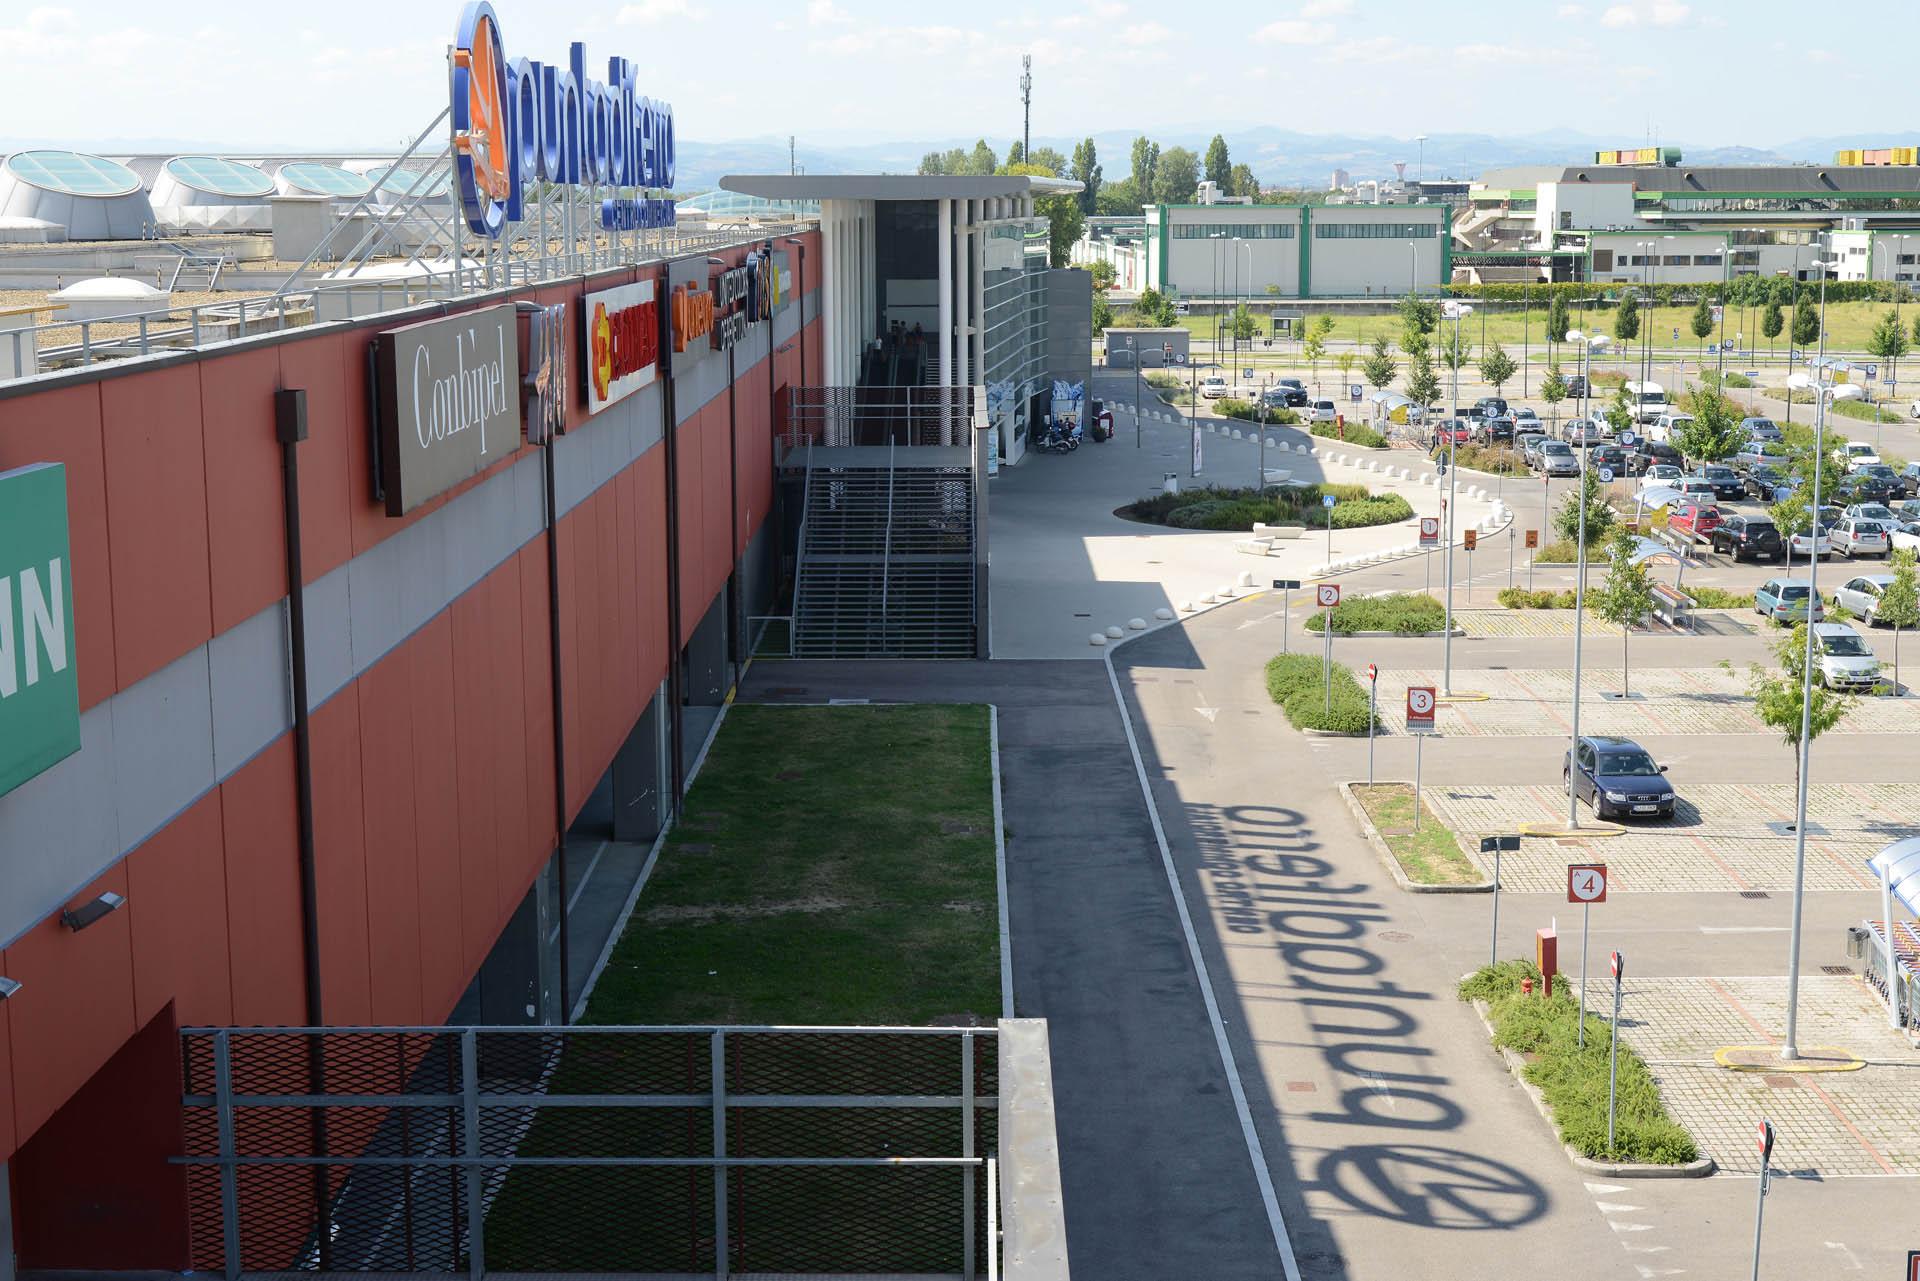 01 Studio Bacchi architetti associati Puntadiferro img 01